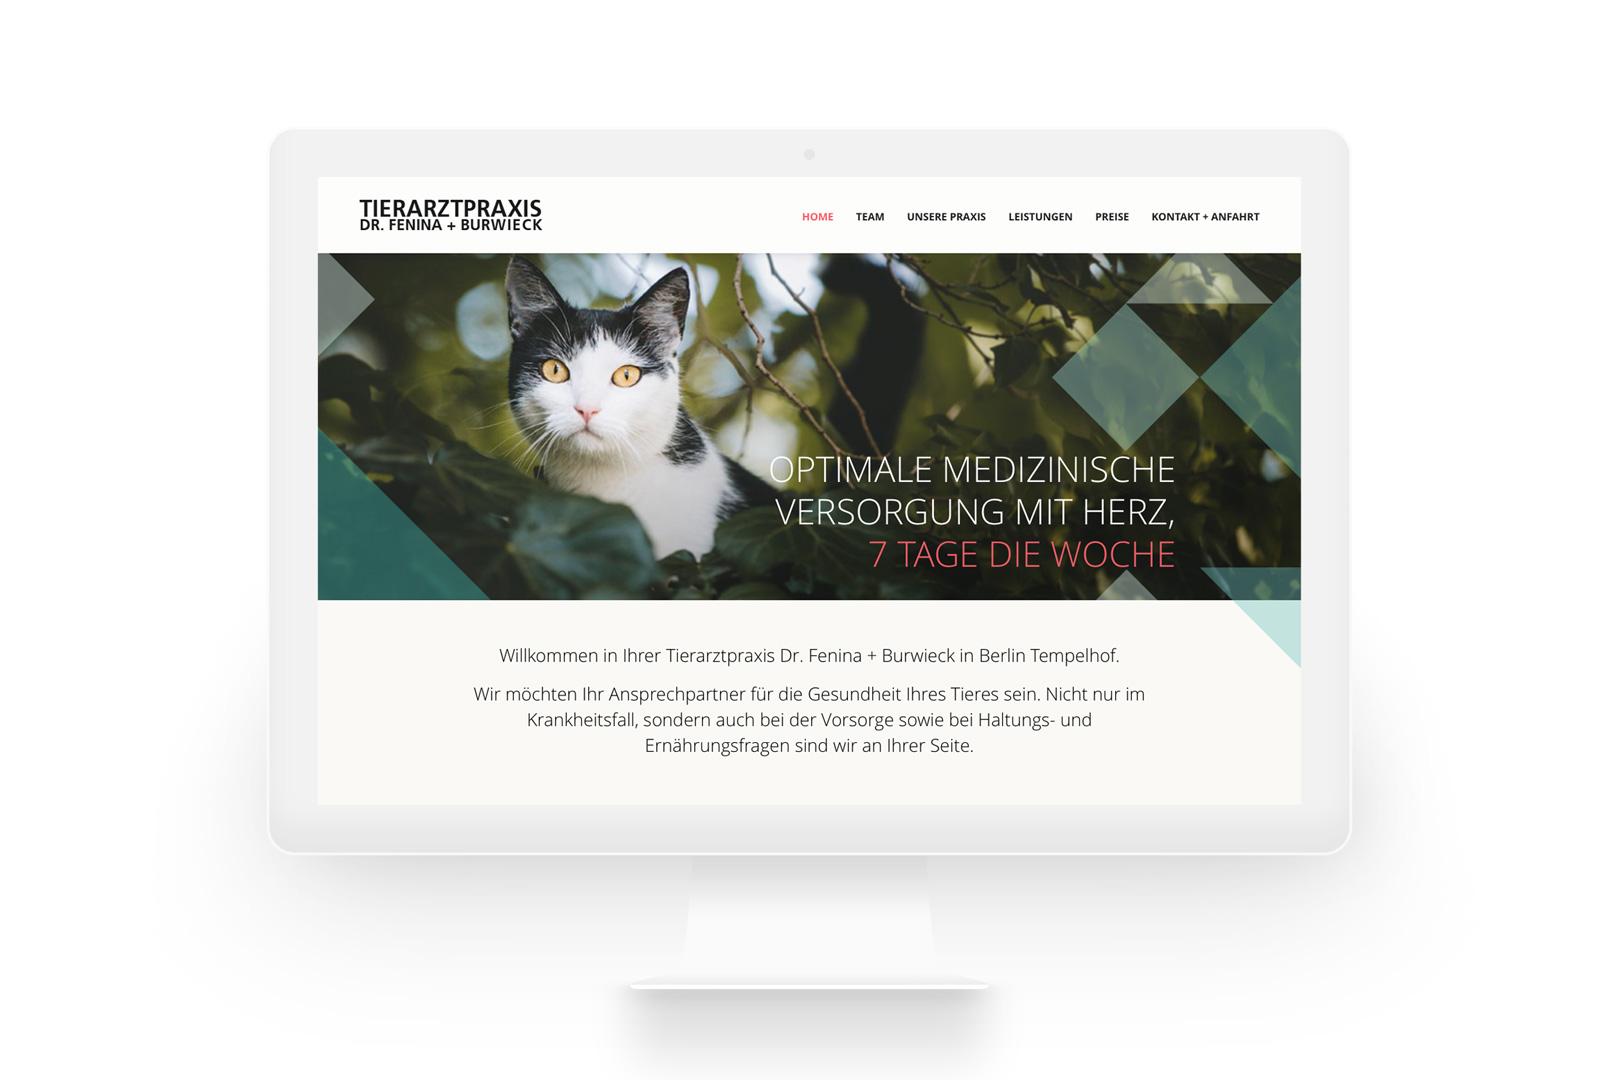 Tierarztpraxis Dr.Fenina + Burwiek